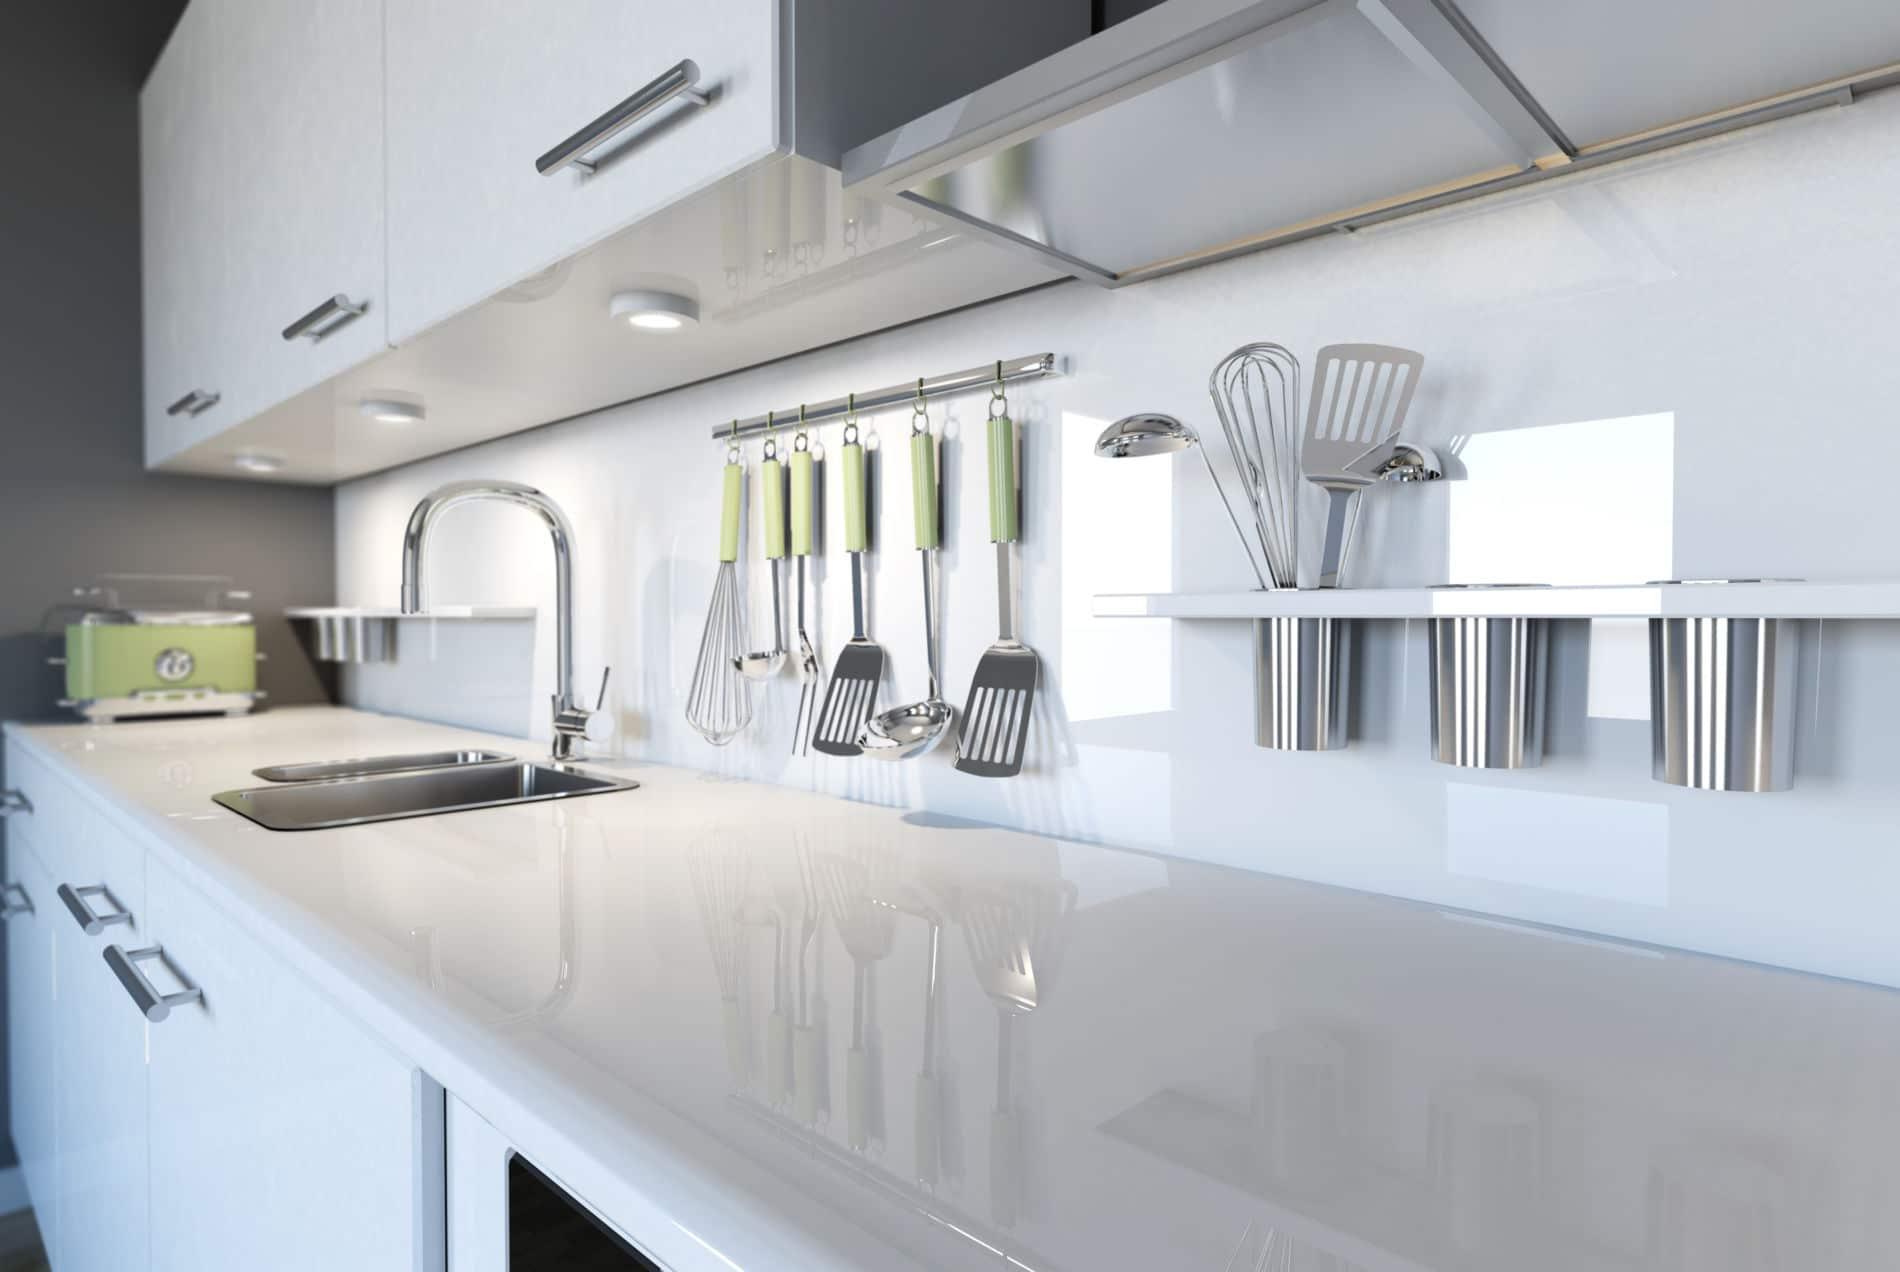 מטבח עם נגיות של קרמיקה בעיצוב מרשים דגם וויט קרמיק